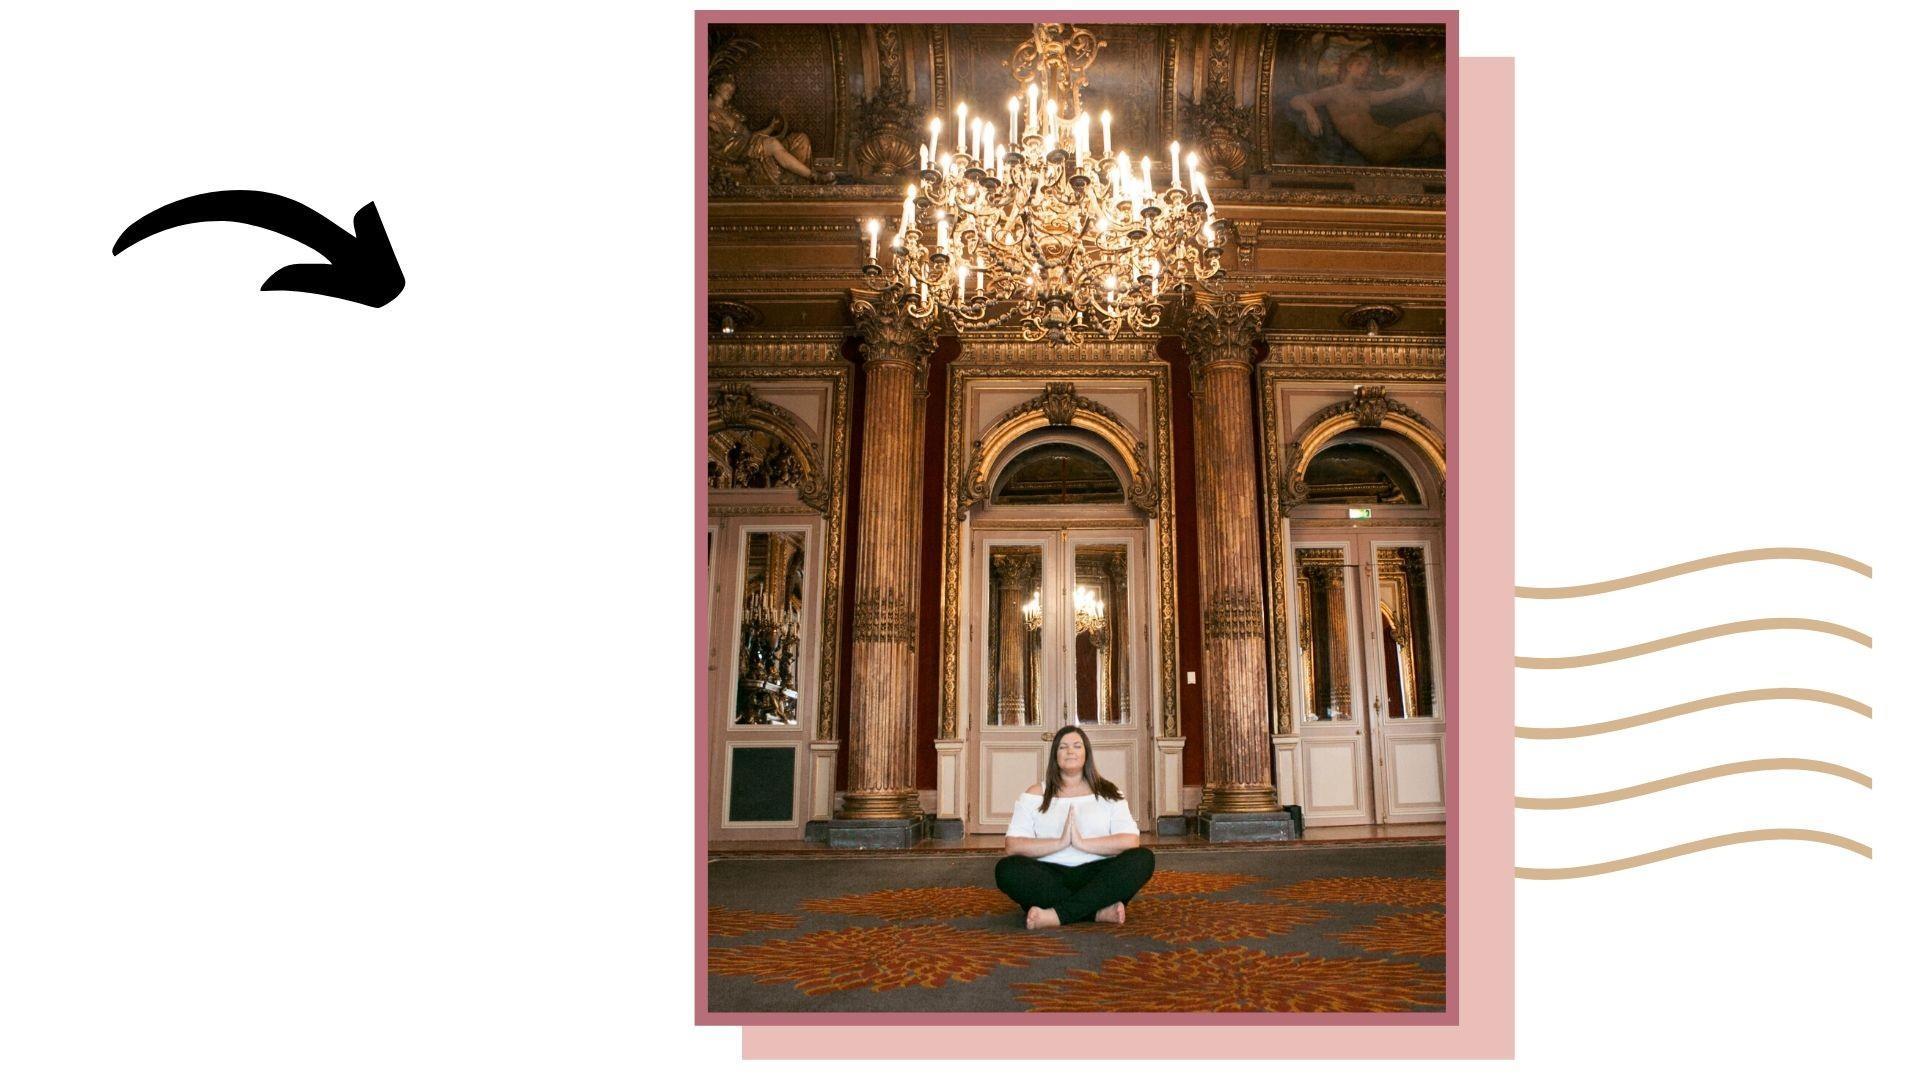 Jennifer Grace sat meditating under chandelier